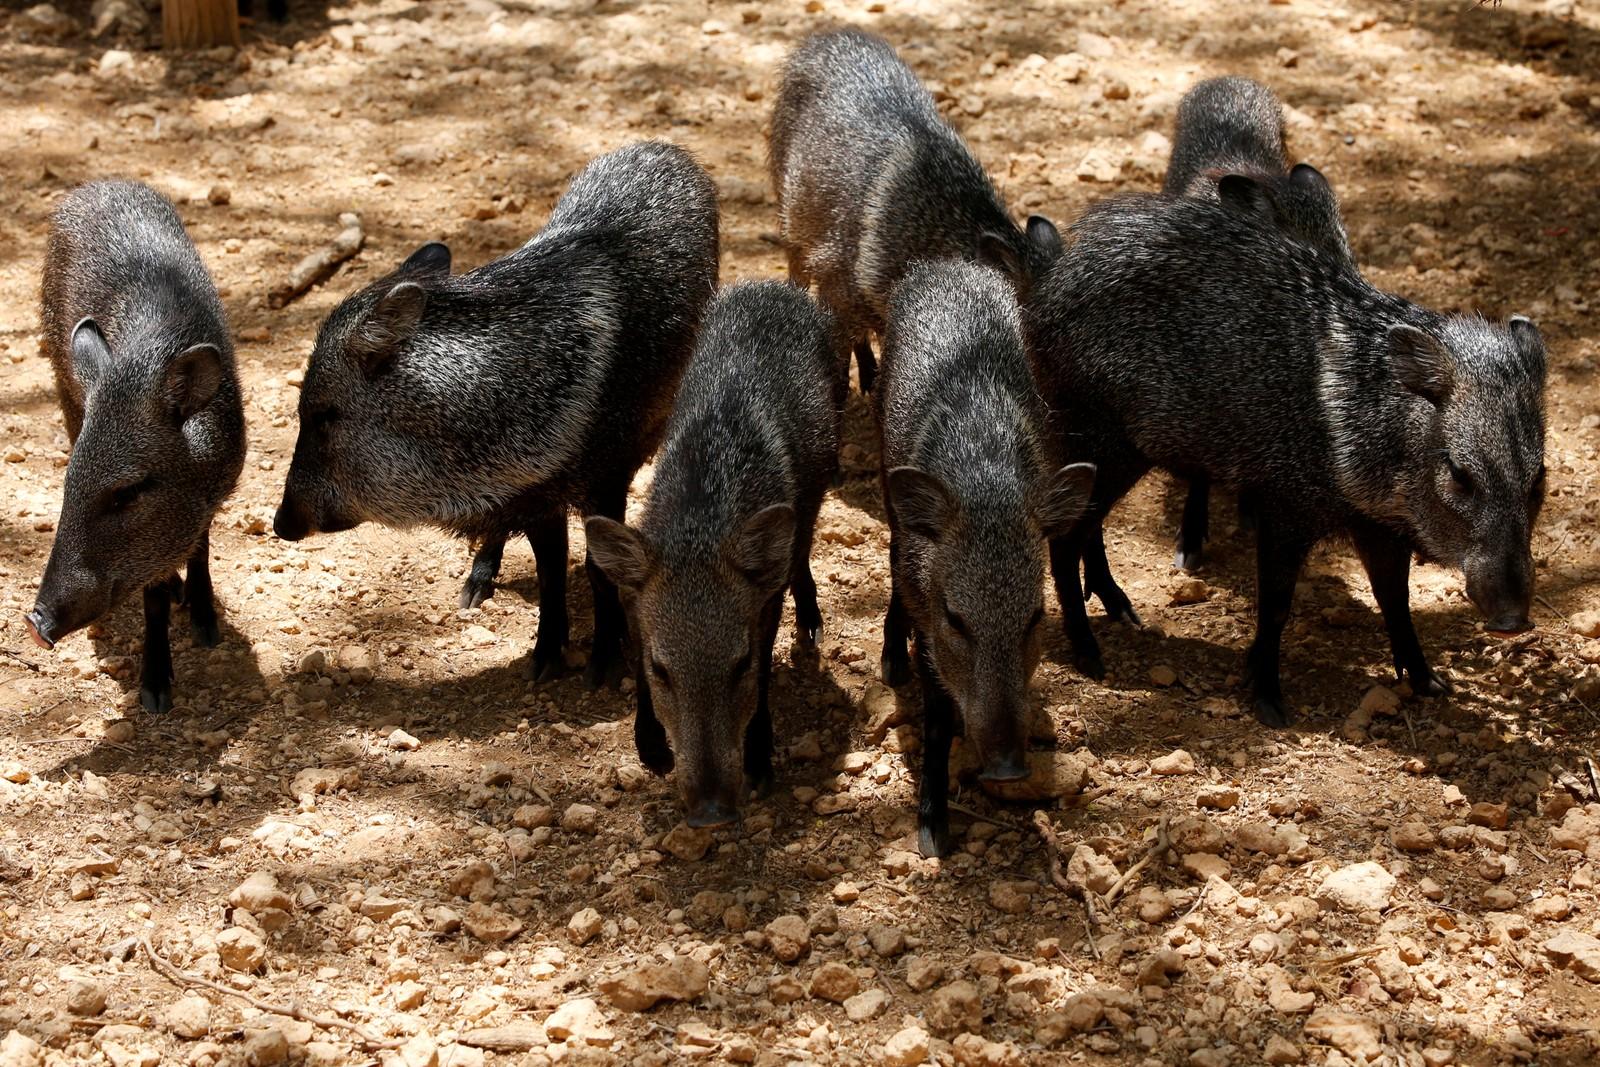 Flere dyrearter dør ut i dyrehagene i Venezuela. Nå vil presidenten gi militæret ansvaret for å dele ut rasjoner med mat til mennesker og dyr.